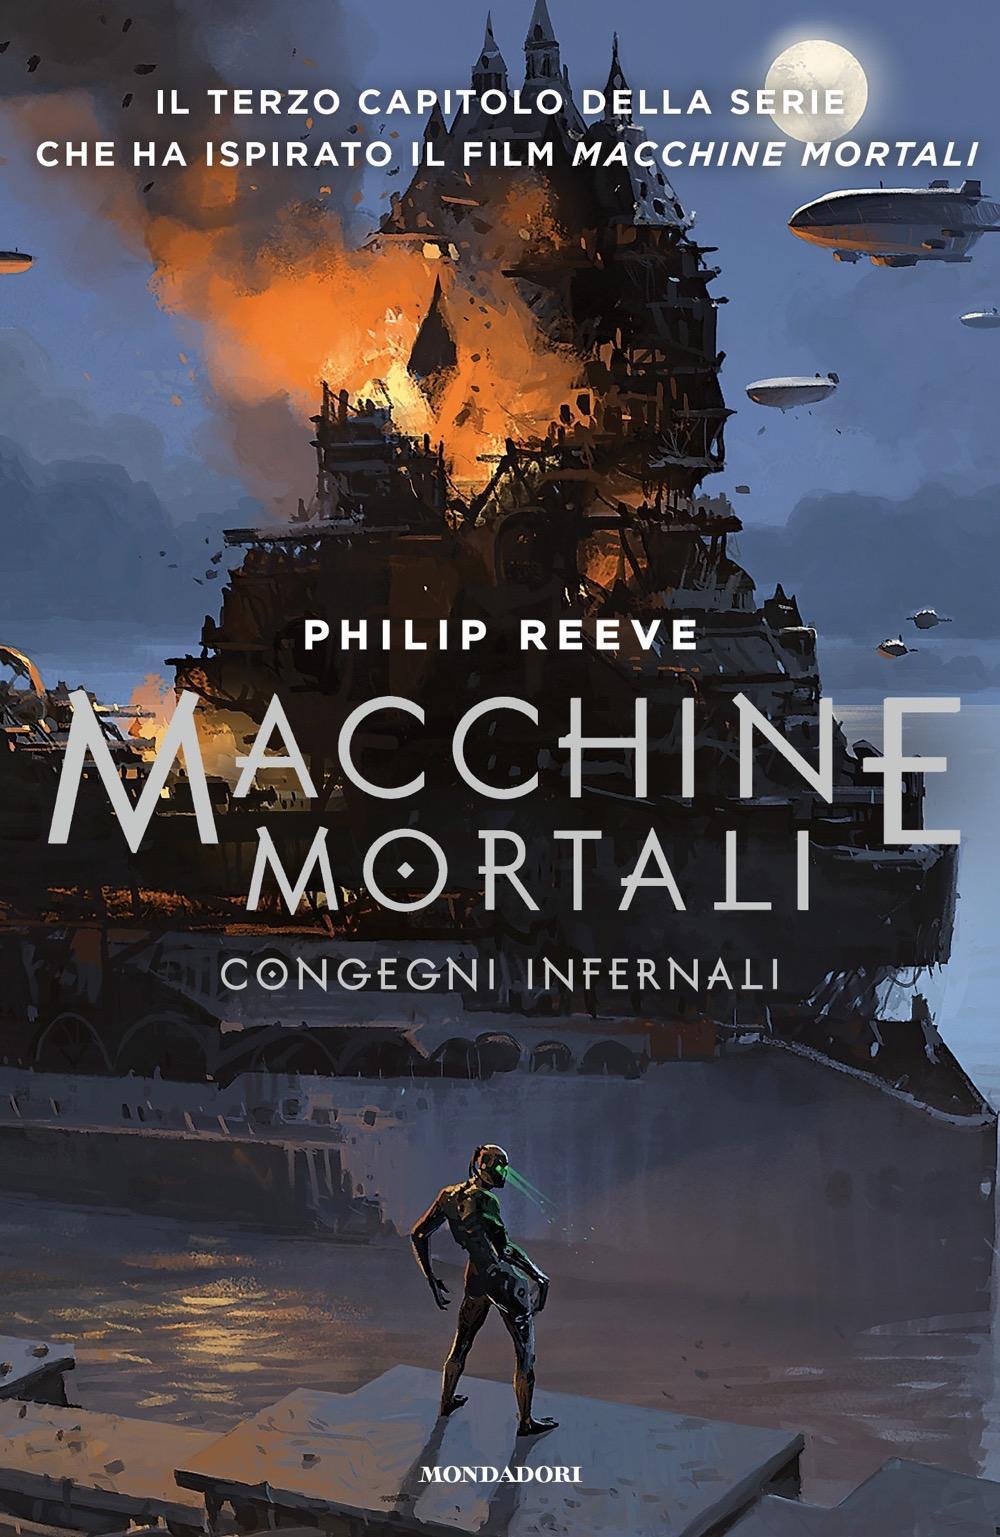 Macchine mortali - Congegni infernali